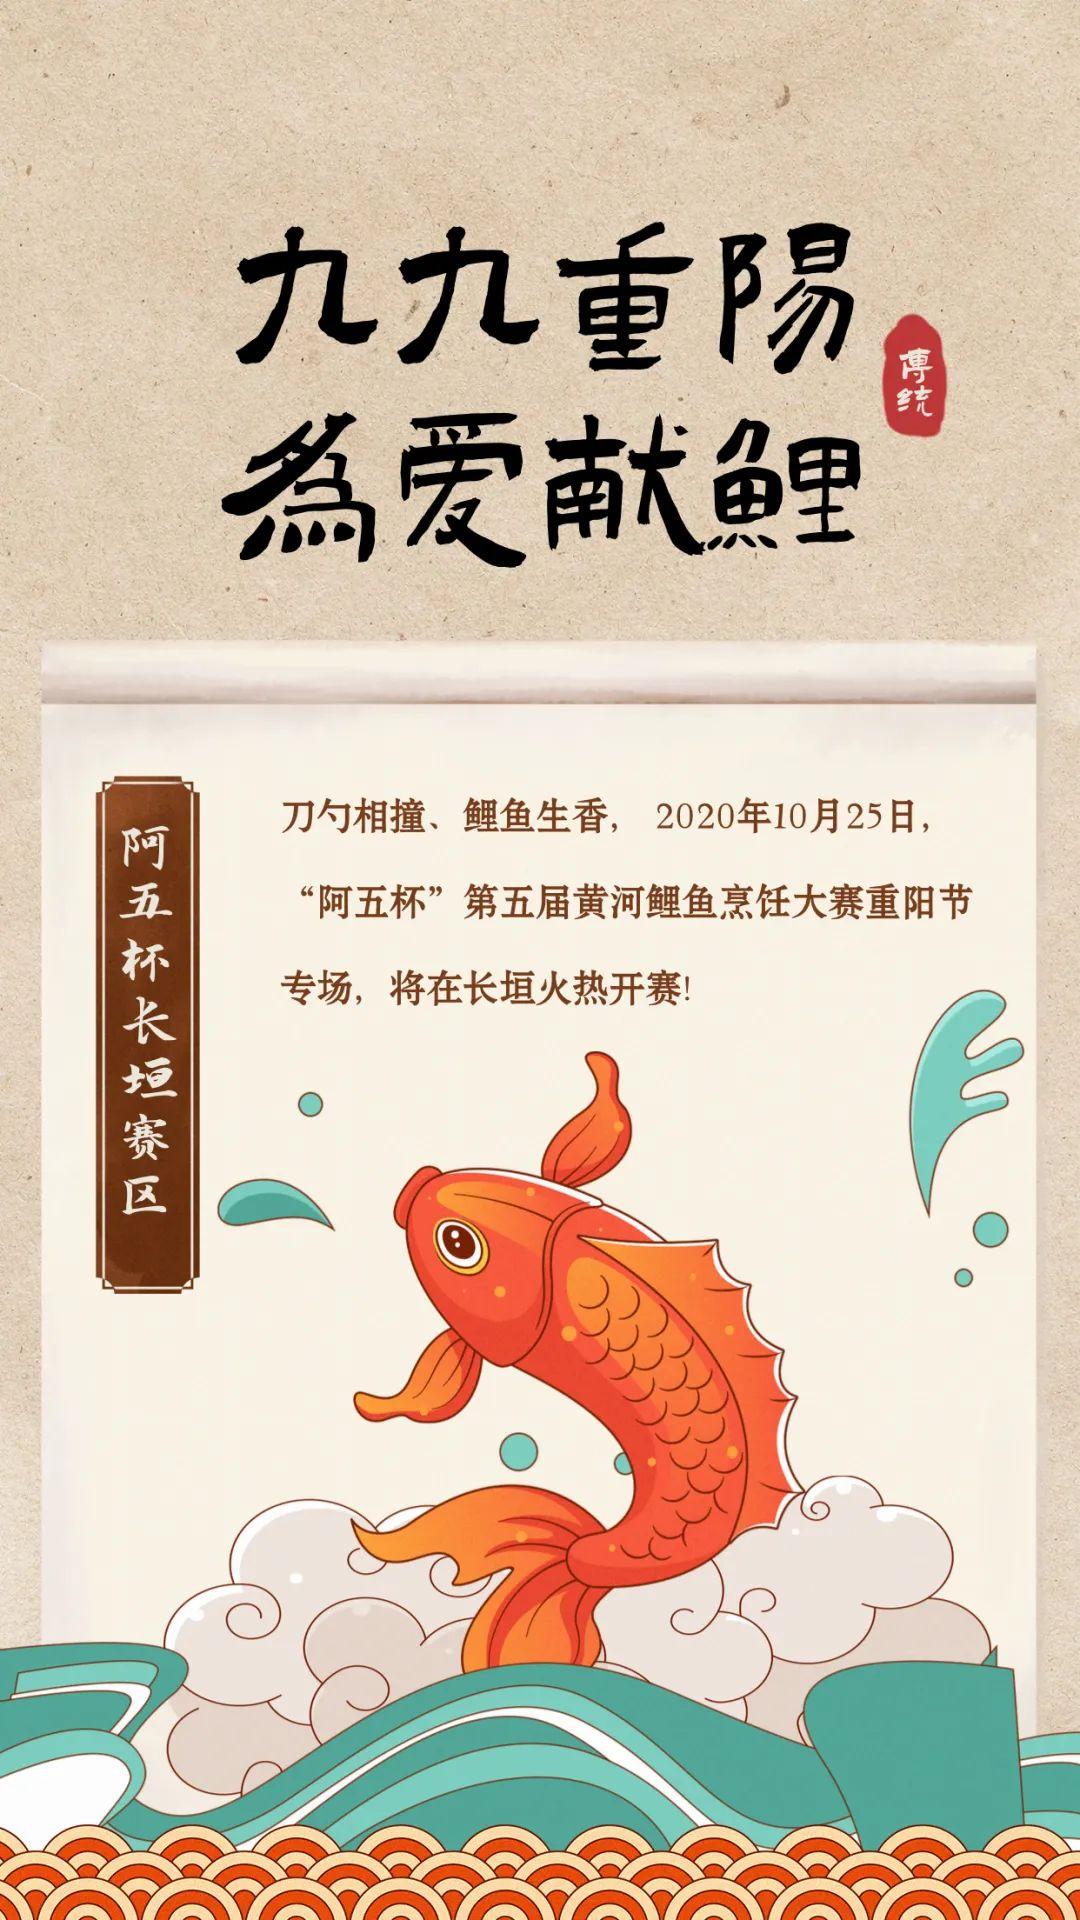 """传统佳节秀厨艺,为爱烹饪献""""锦鲤"""",还有万元大奖等你拿!"""